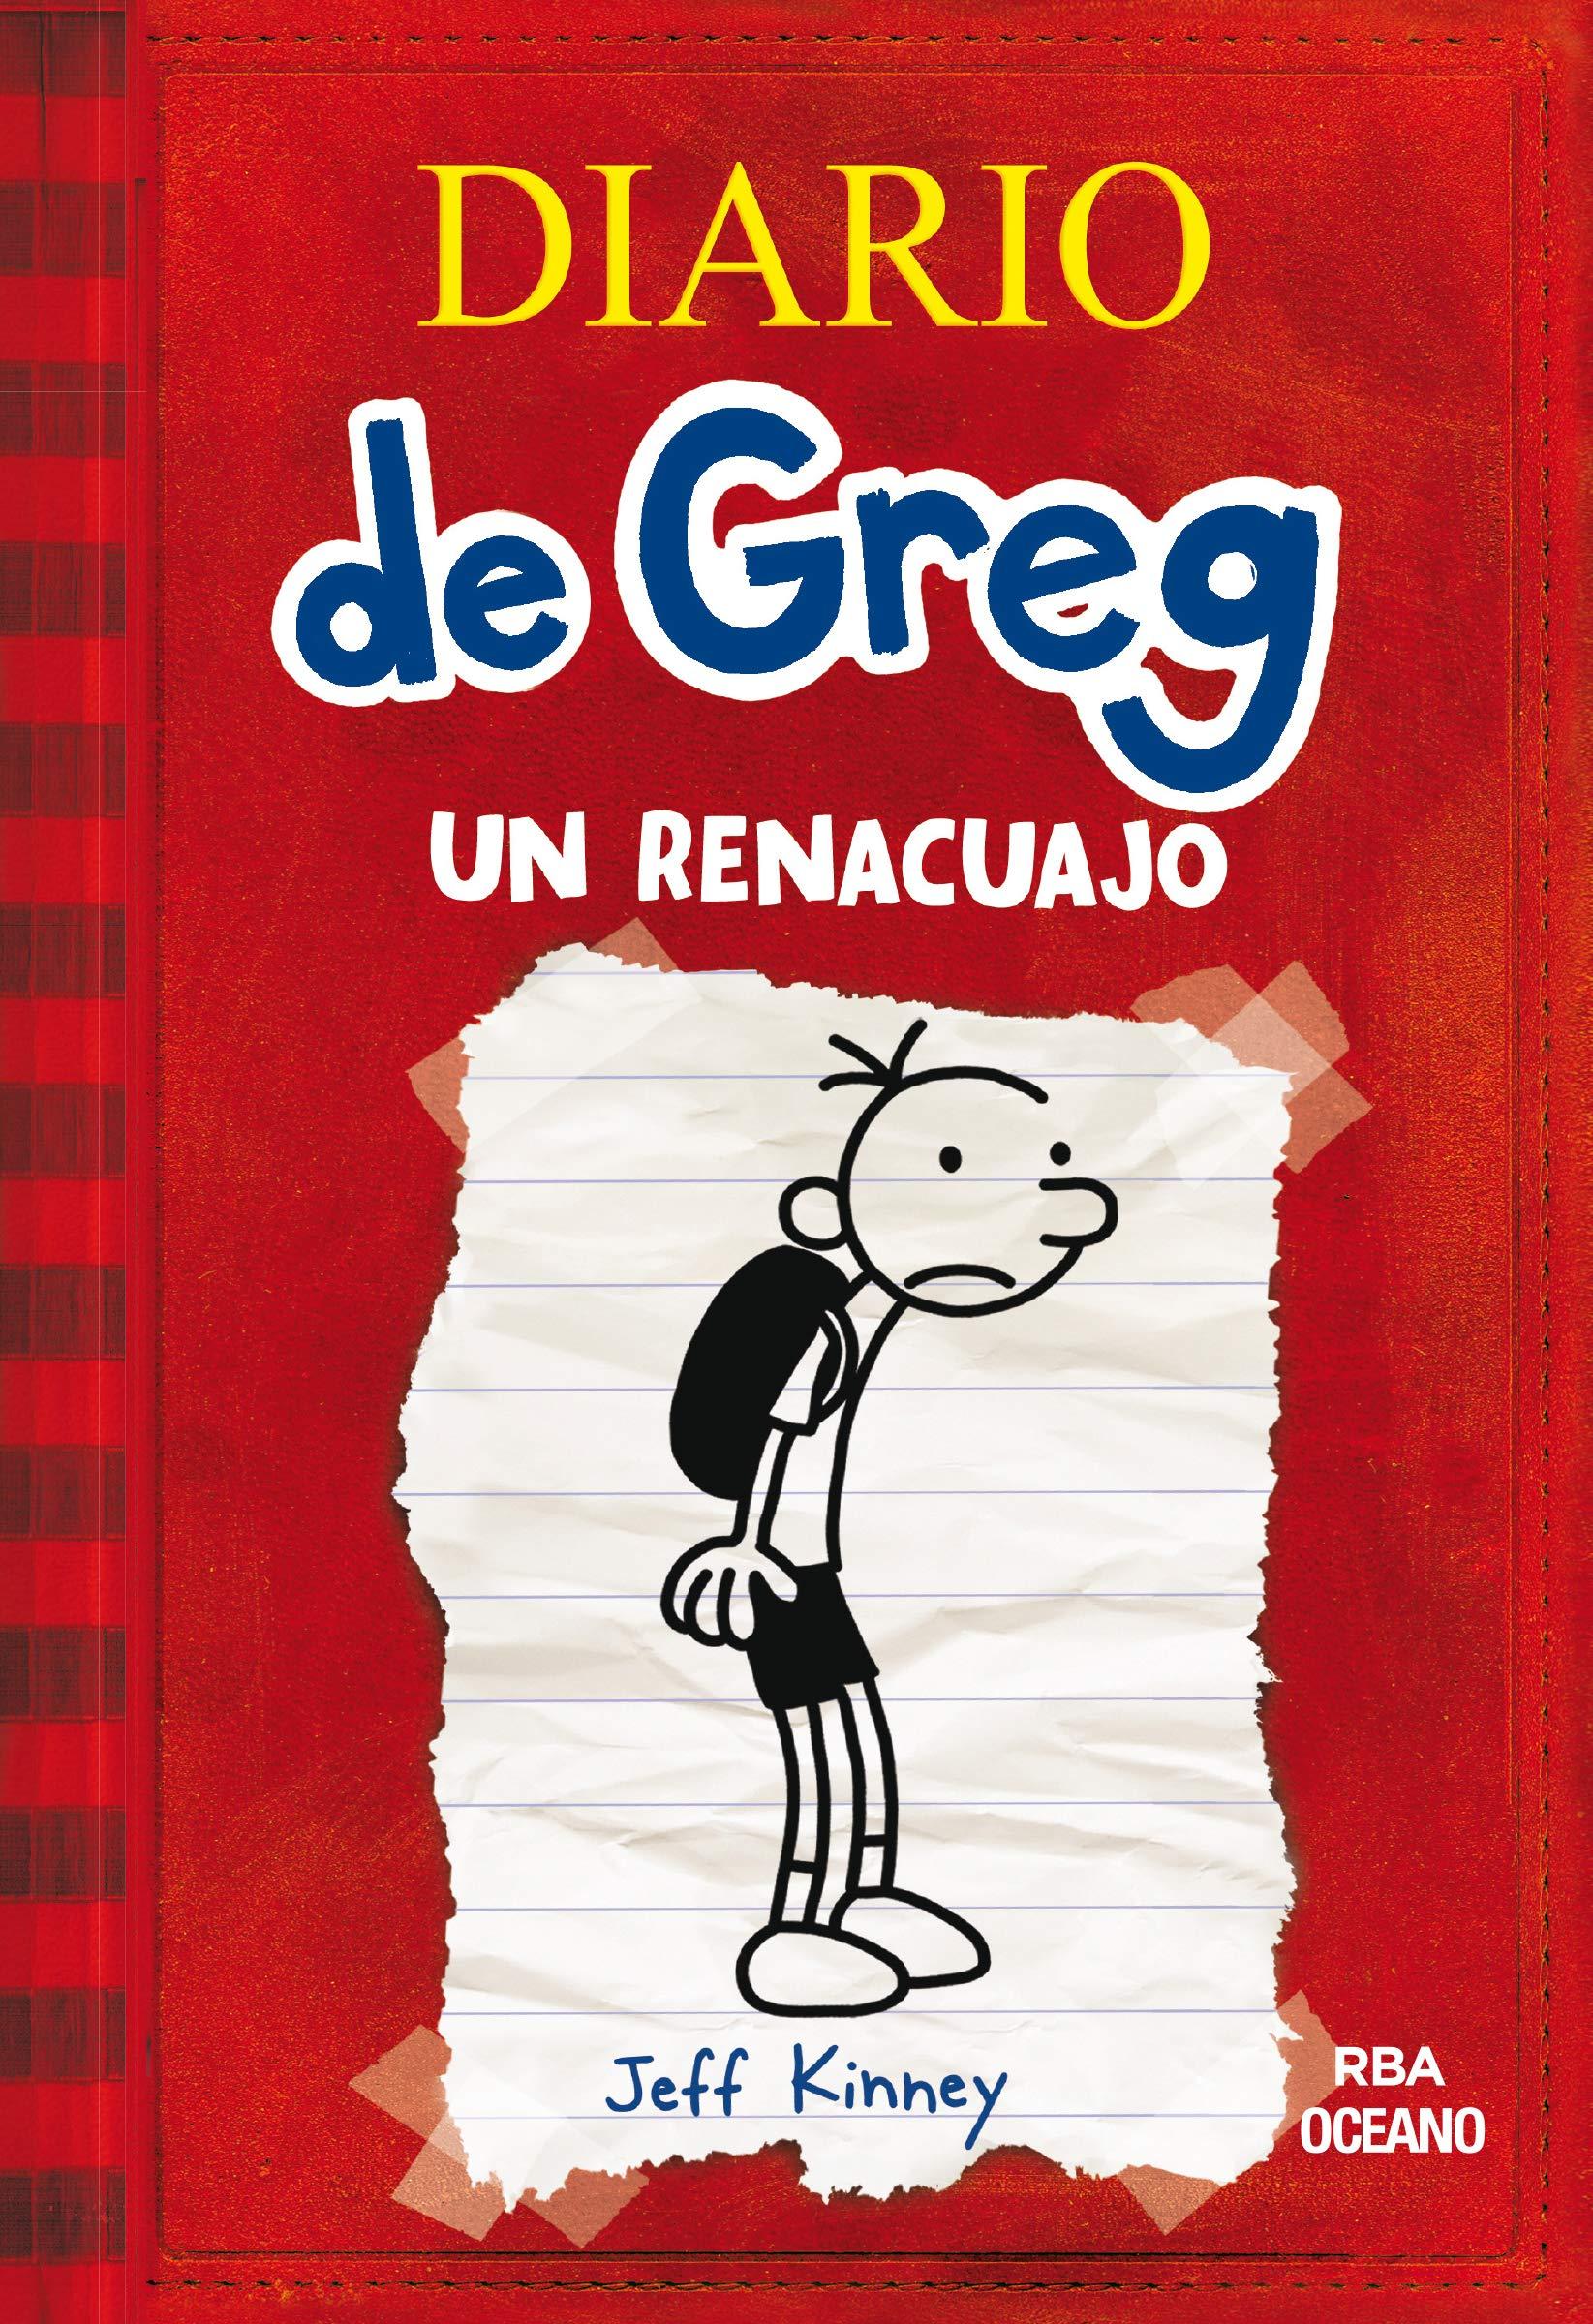 Diario de Greg: Un renacuajo. Vol. 1: Kinney, Jeff, Kinney, Jeff:  Amazon.com.mx: Libros